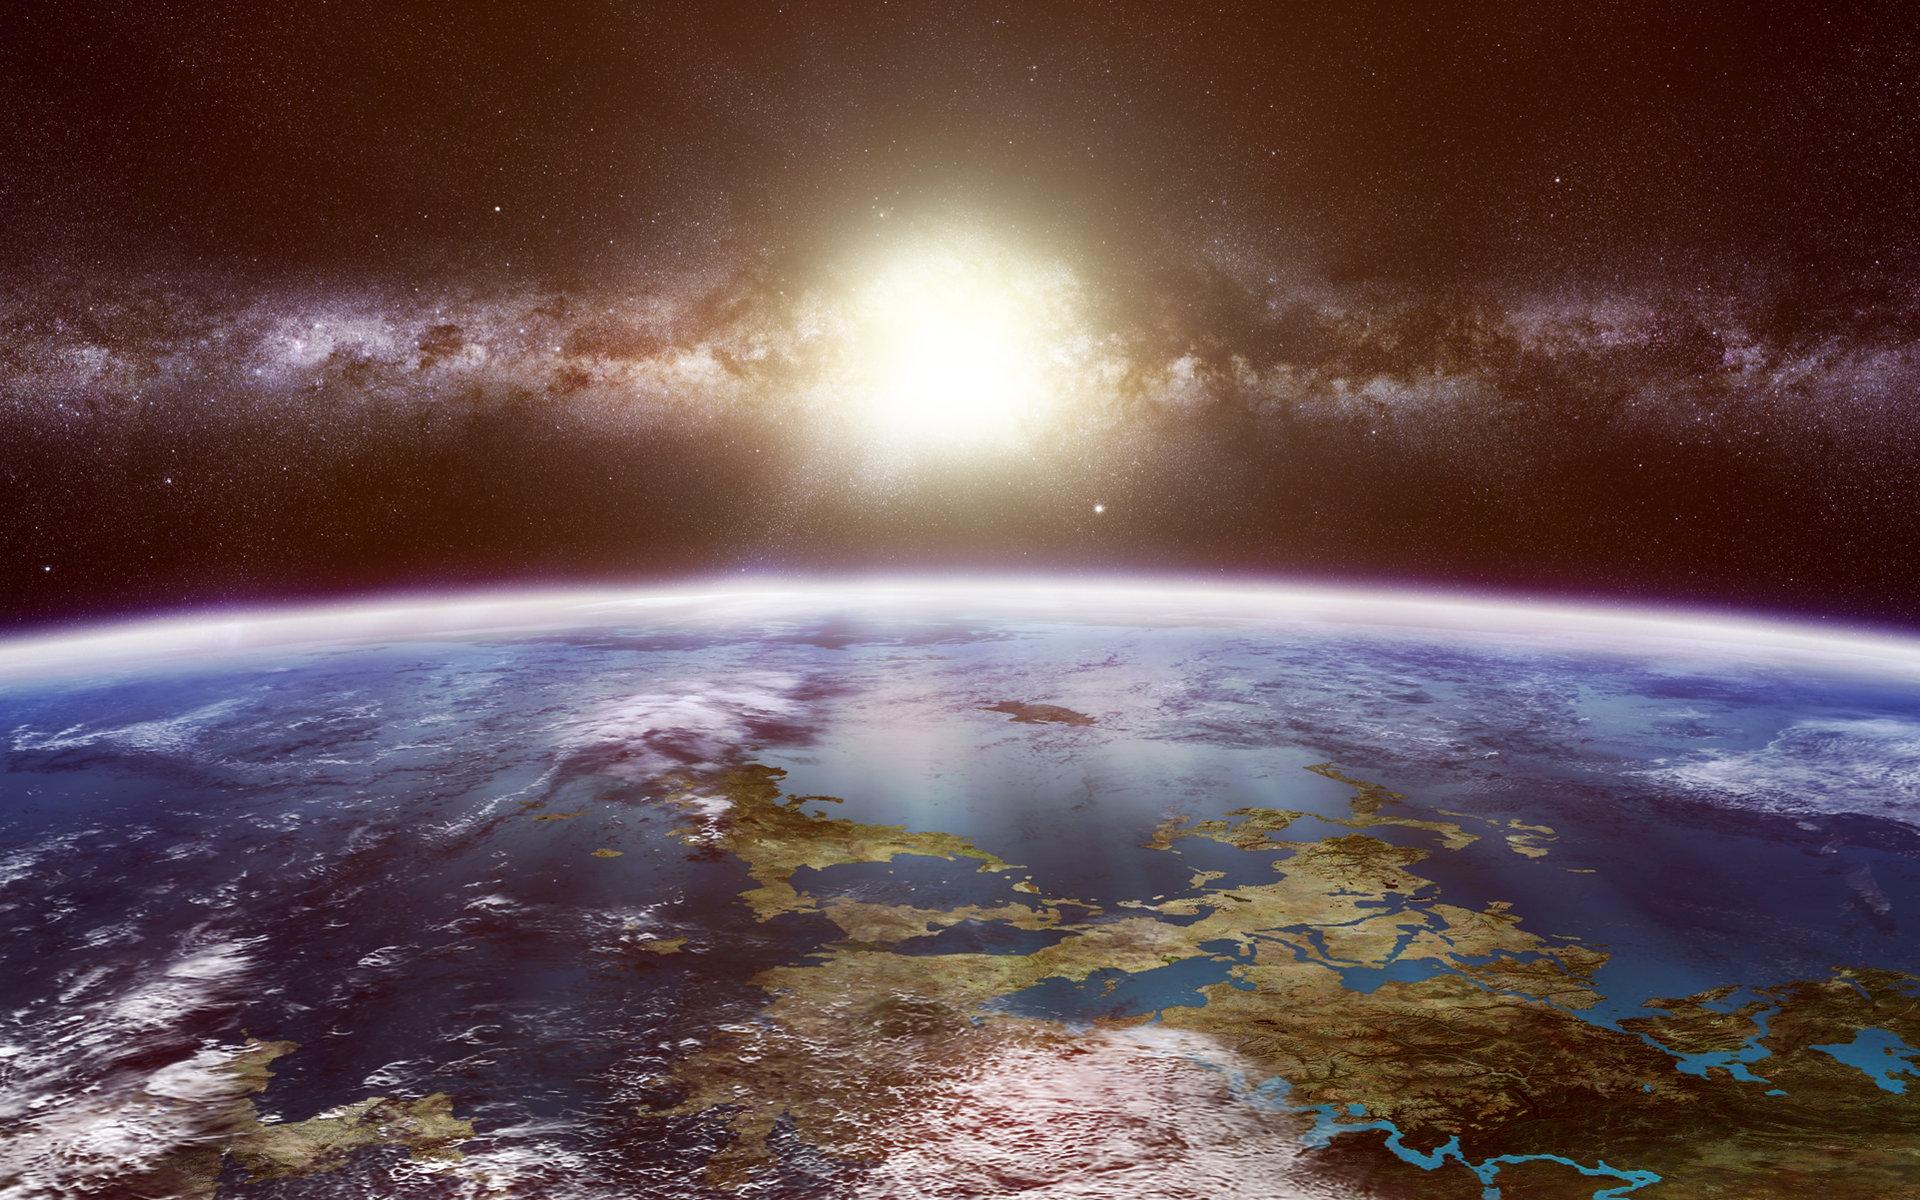 planet earth wallpaper - wallpapersafari